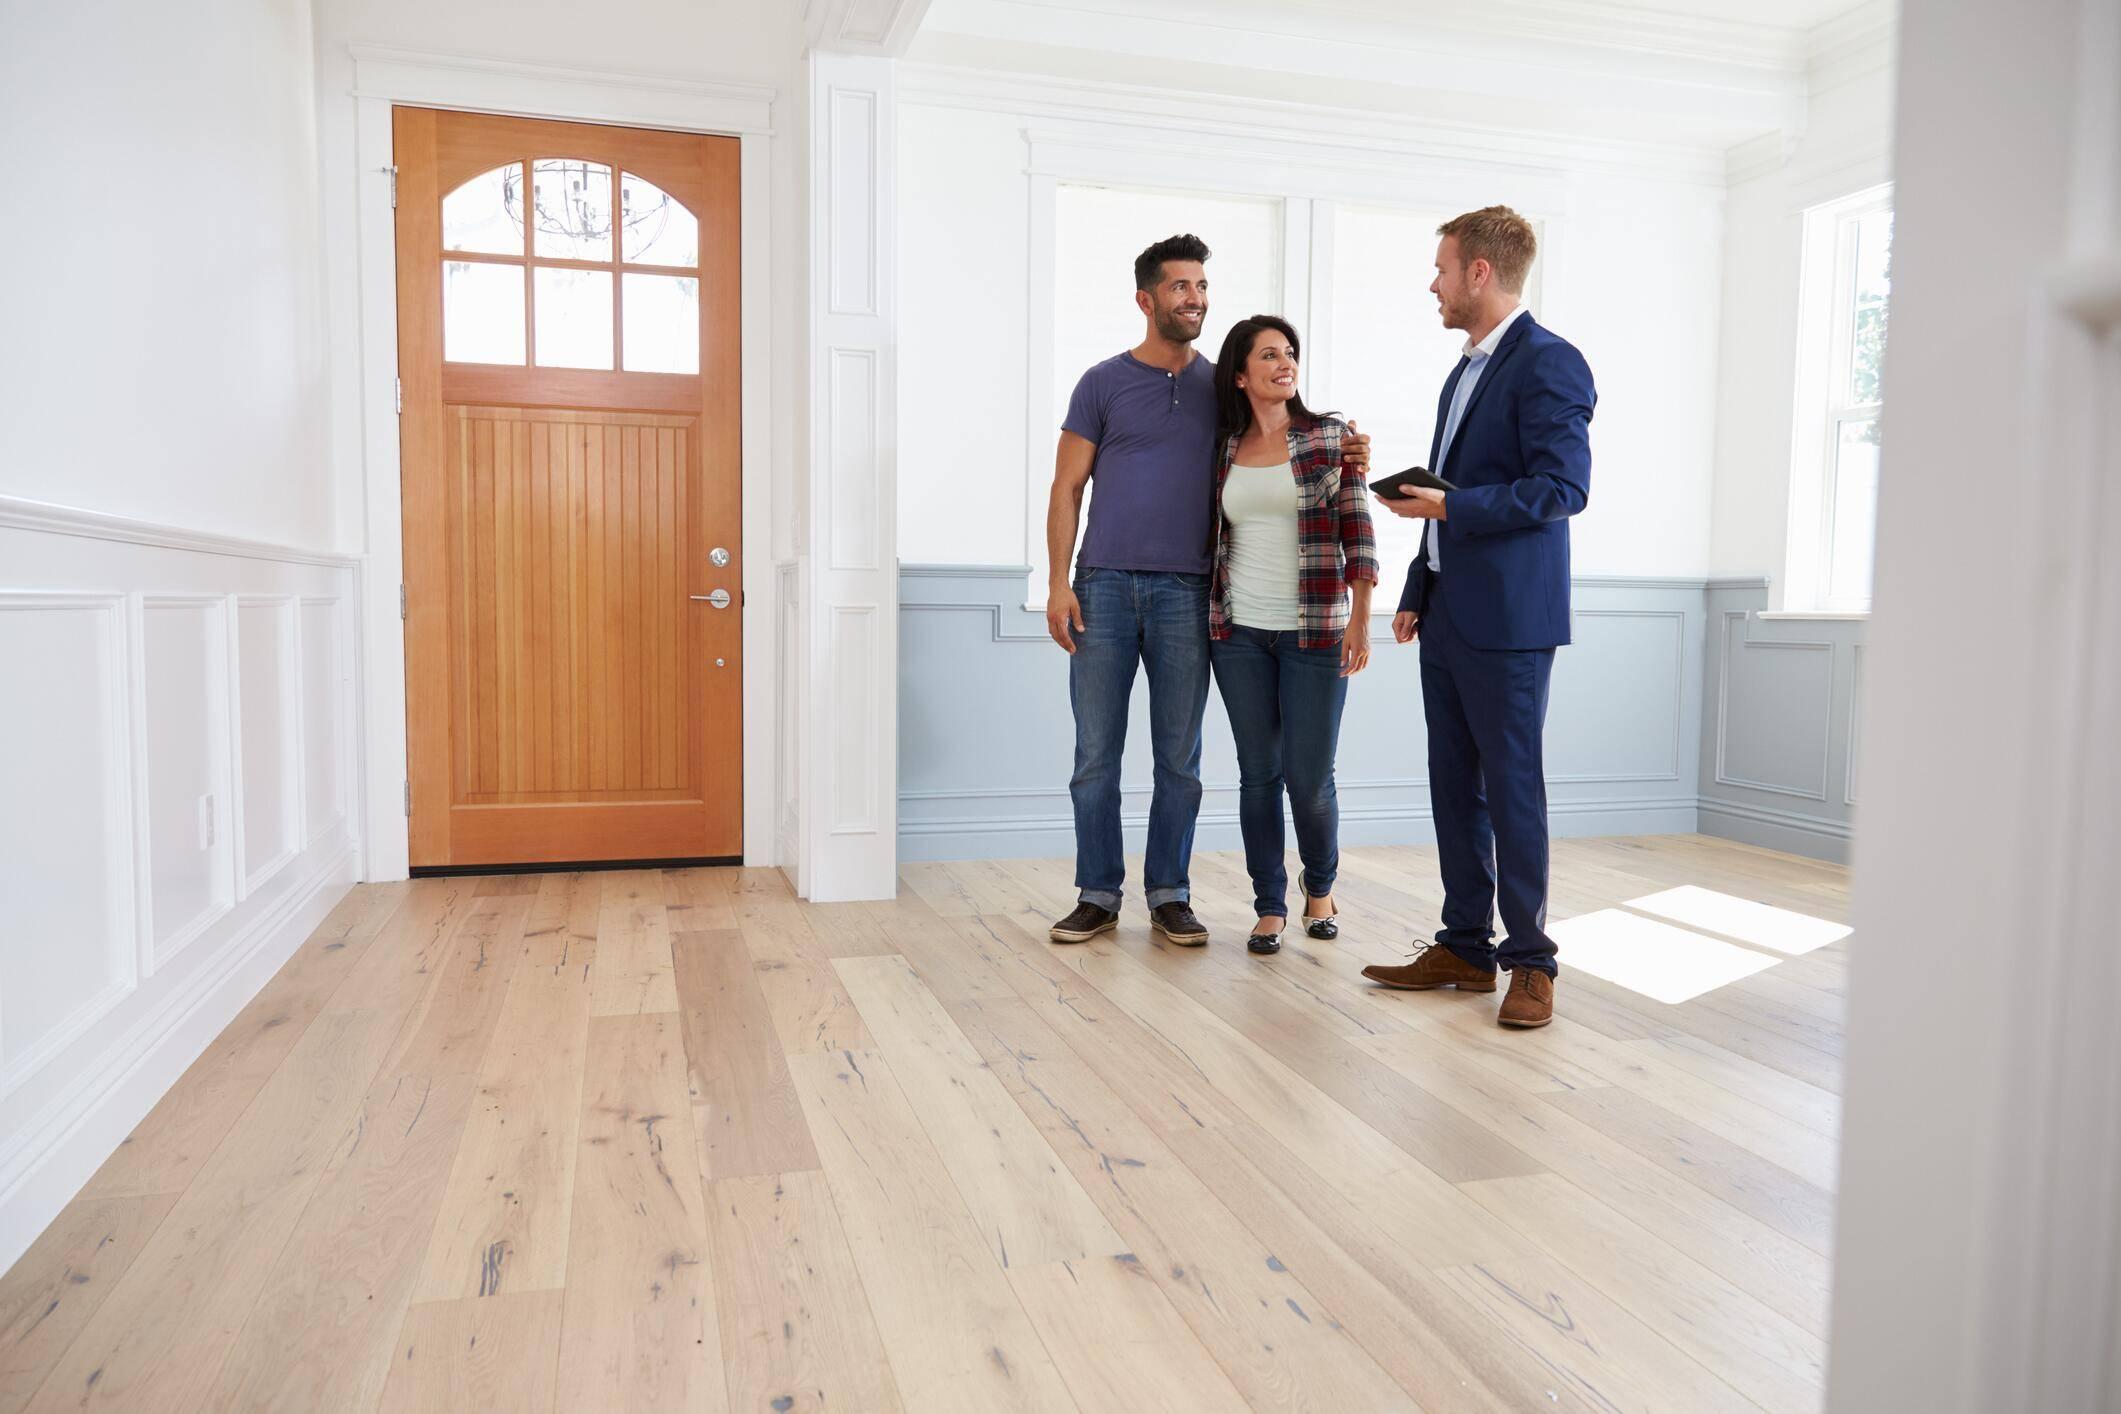 Wohnungsübergabeprotokoll Sicherheit Für Mieter Vermieter